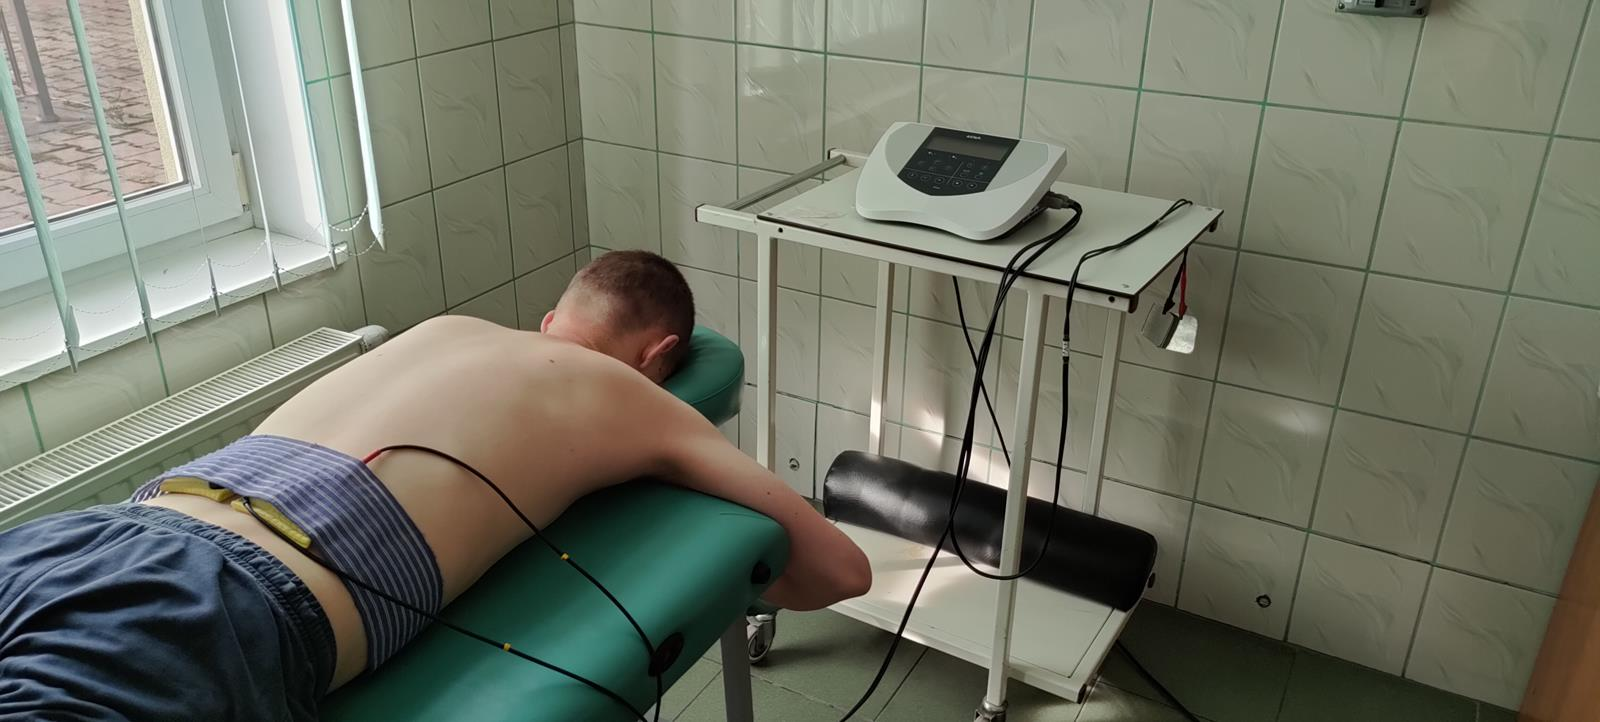 elektroterapia w DPS w Dębicy